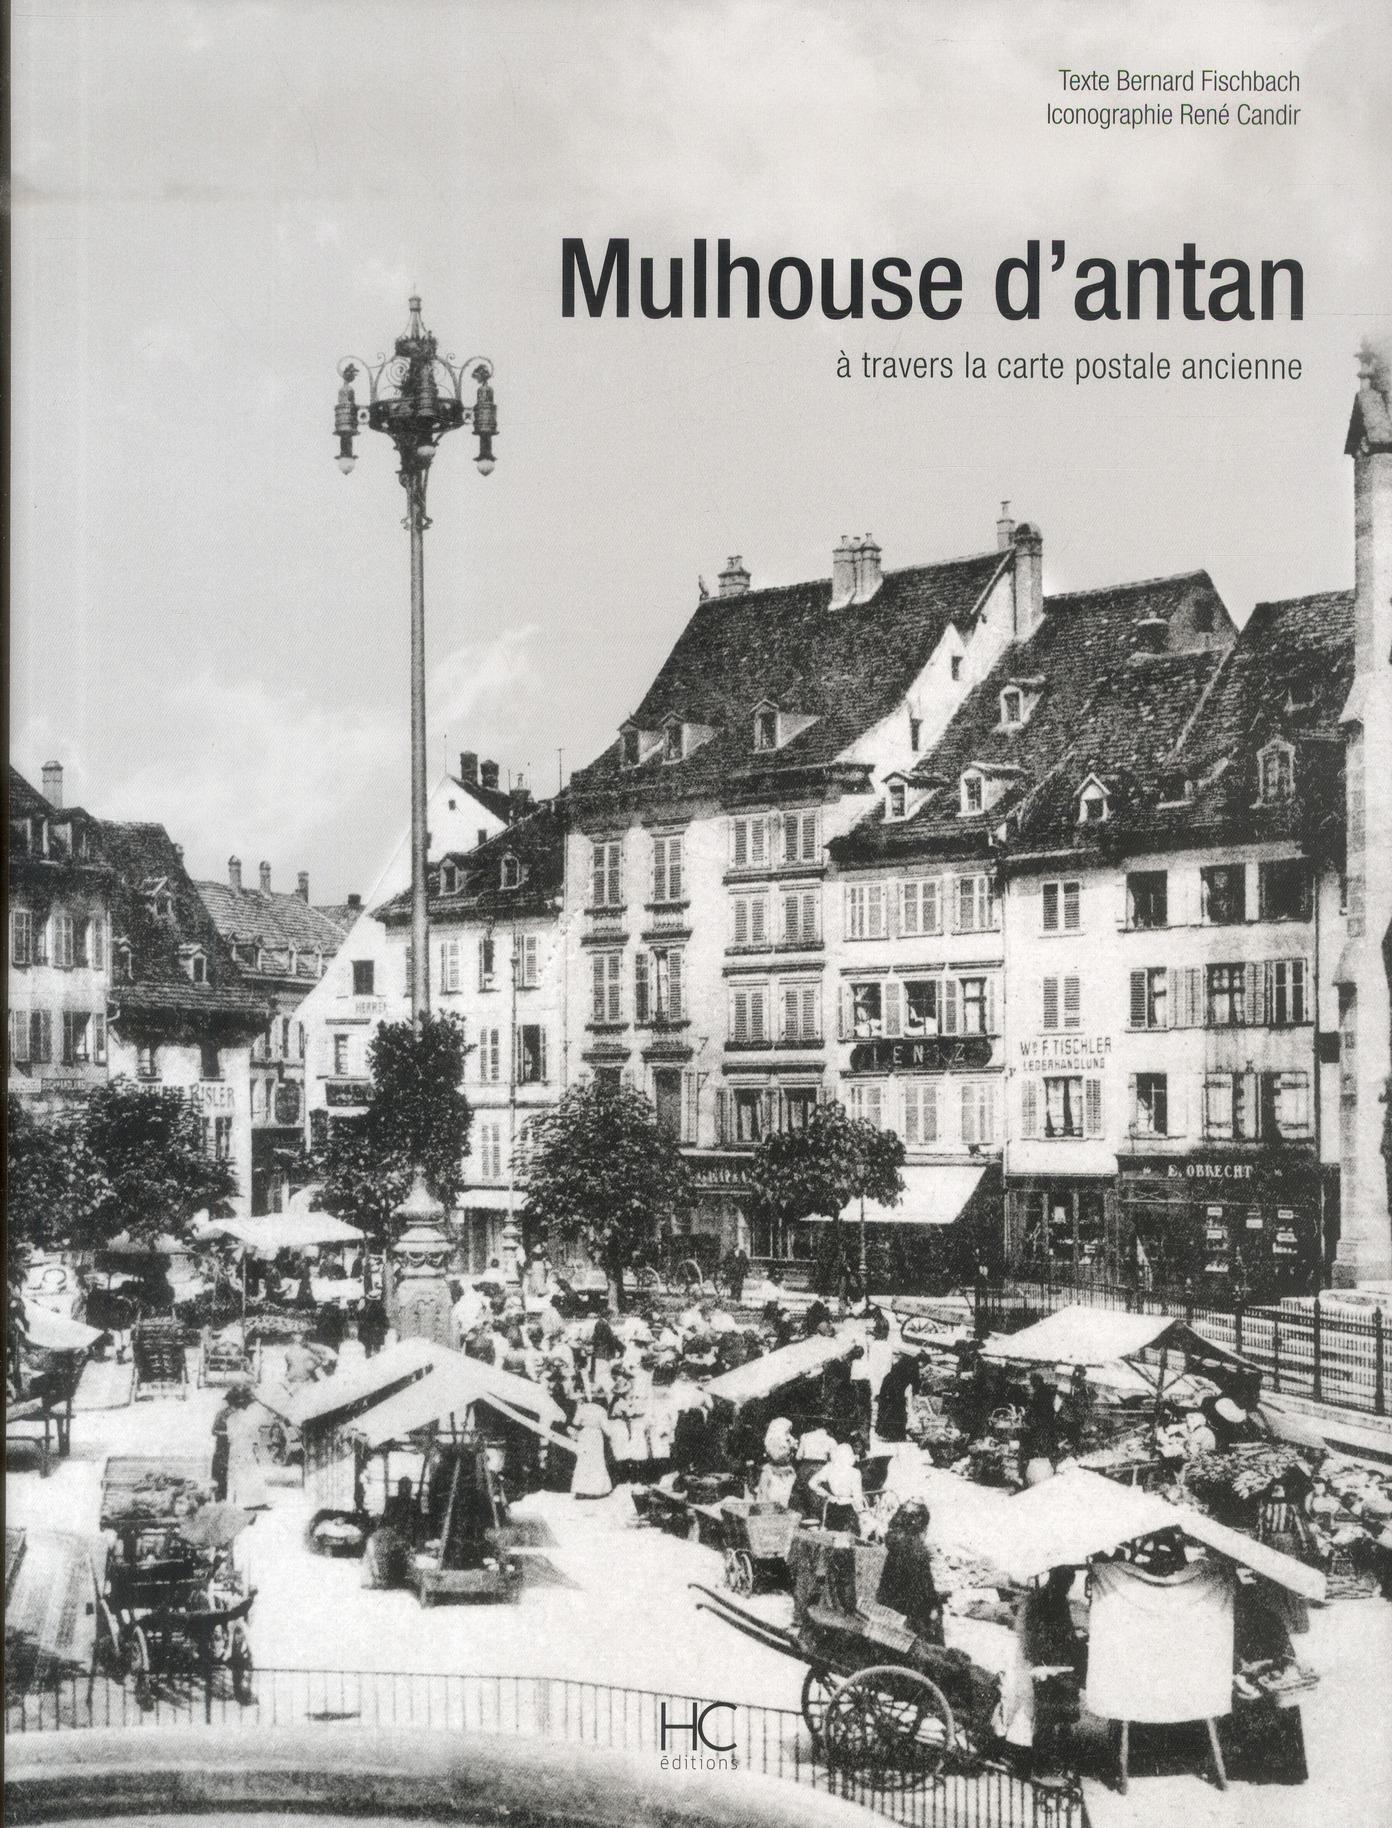 Mulhouse d'antan, à travers la carte postale ancienne